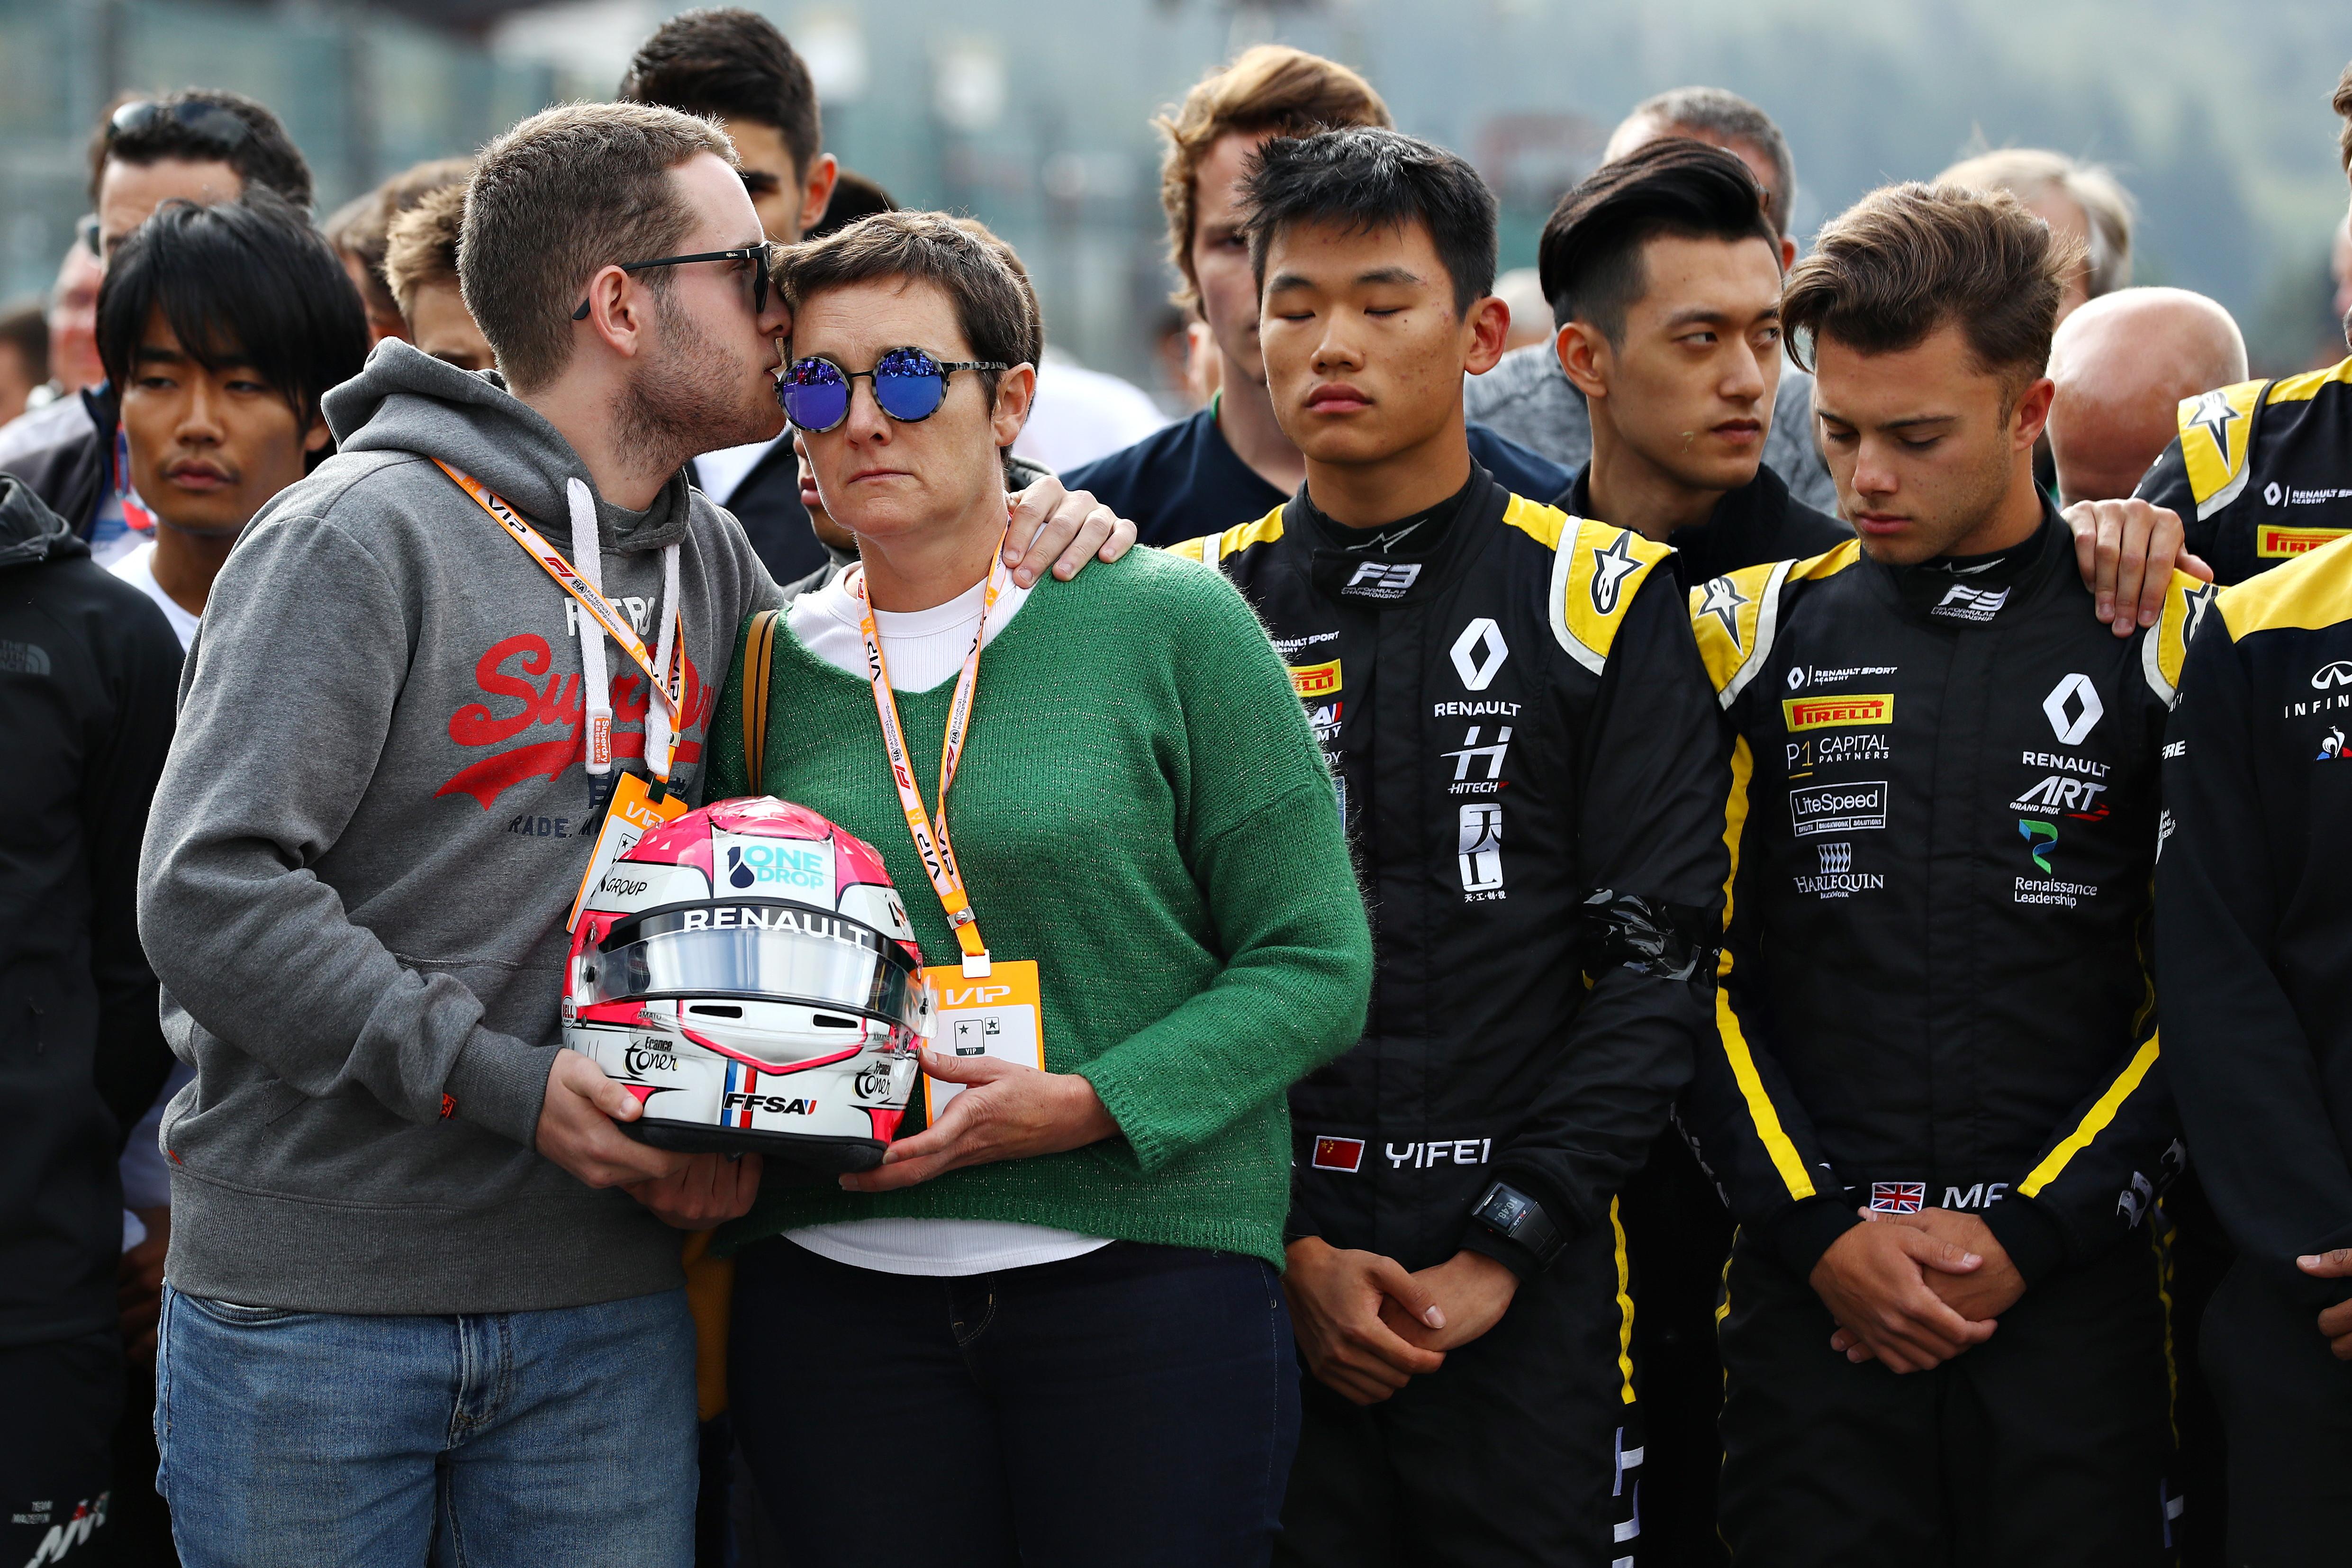 La domenica motoristica di Spa si &egrave; aperta con un toccante minuto di silenzio per Anthoine Hubert, il pilota di F2&nbsp;che ha perso la vita nel terribile incidente di sabato. Sulla griglia della gara di F3 si sono schierati i colleghi del francese, compresi i ferraristi&nbsp;Vettel e Leclerc&nbsp;e Schumi jr, tutti con il lutto al braccio, in un simbolico abbraccio al fratello e alla mamma dello sfortunato&nbsp;pilota, presentatisi con in mano il casco del loro famigliare. Poi, poco prima del via della gara di F1, un altro momento di silenzio per ricordare Hubert.<br /><br />